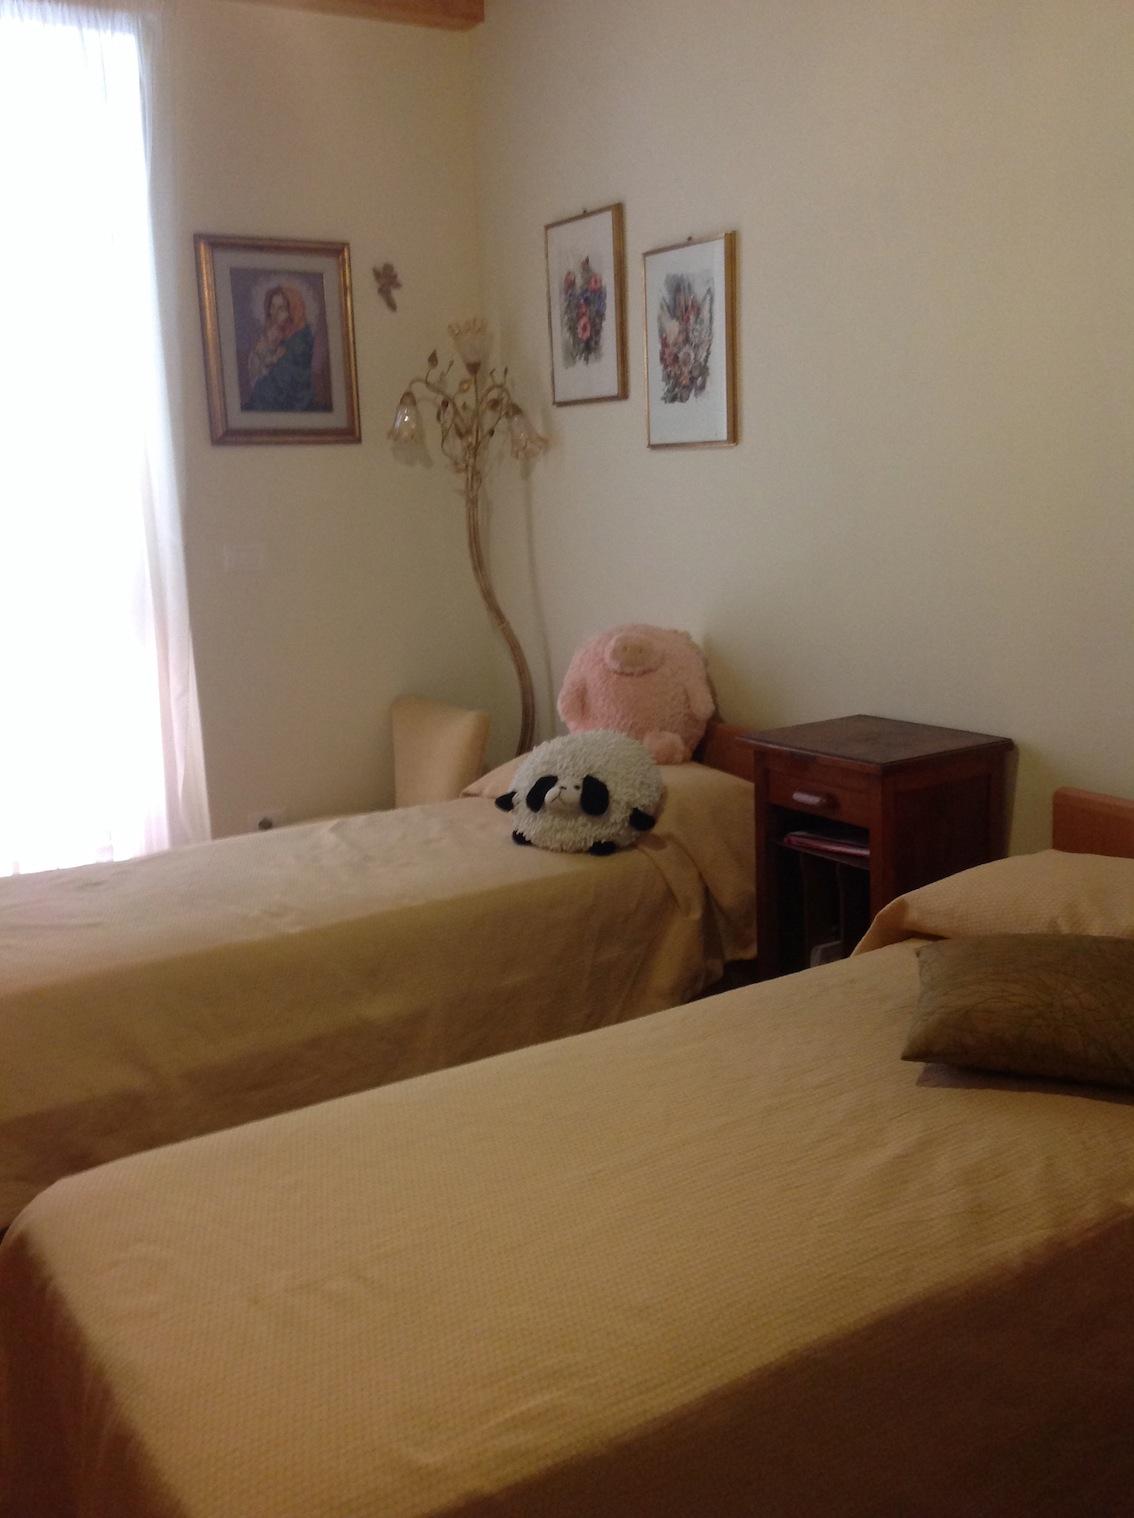 affitto appartamento mare viareggio 8443 (20140720160710-2014-78378-NDP.jpg)